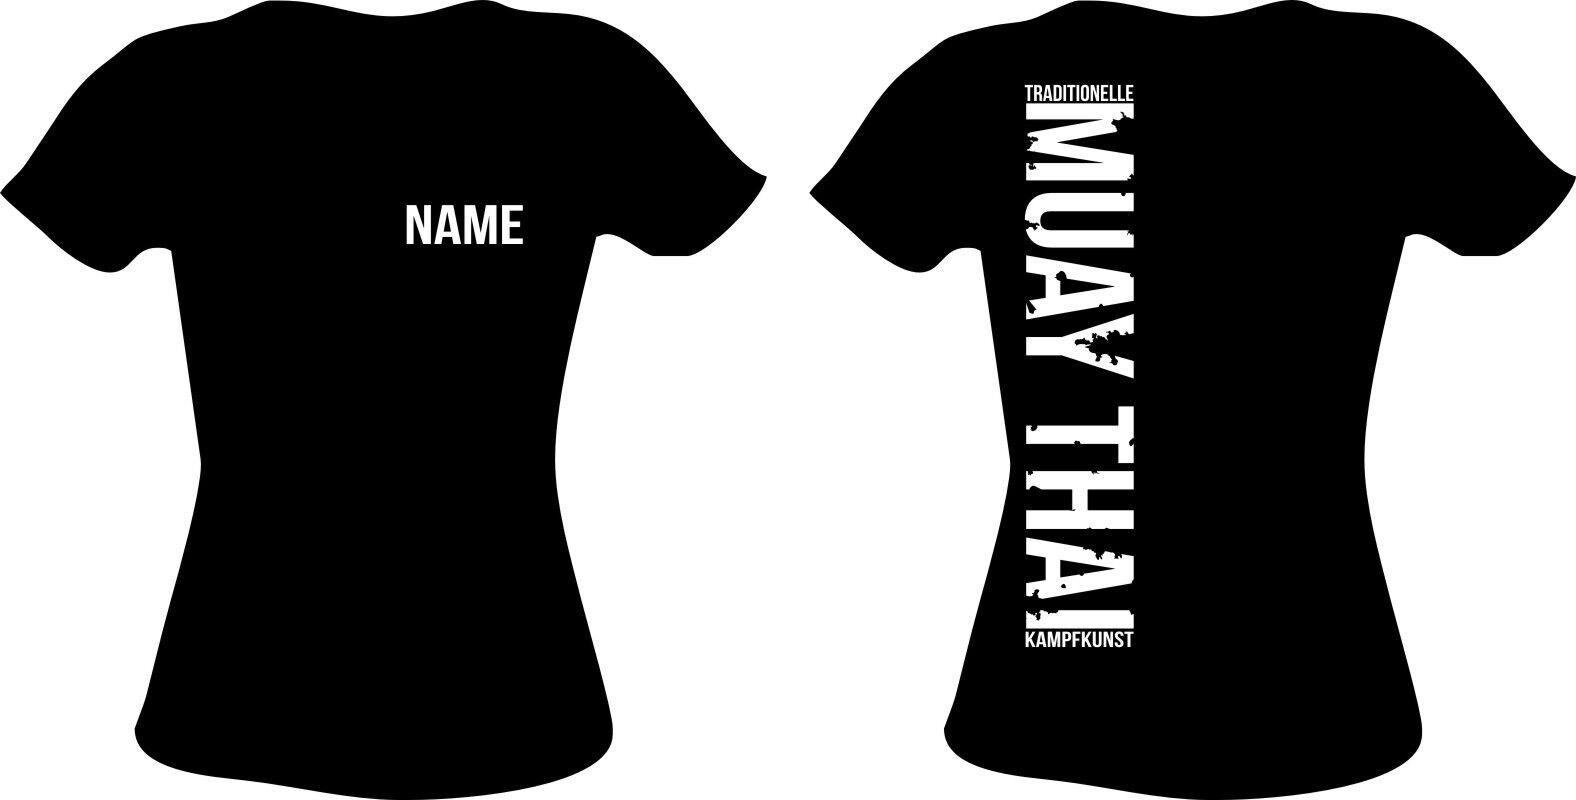 T-Shirt Kapu Sweatshirt Sweatshirt Sweatshirt Herren und Damen Muay Thai traditionelle Kampfkunst 9fbee5